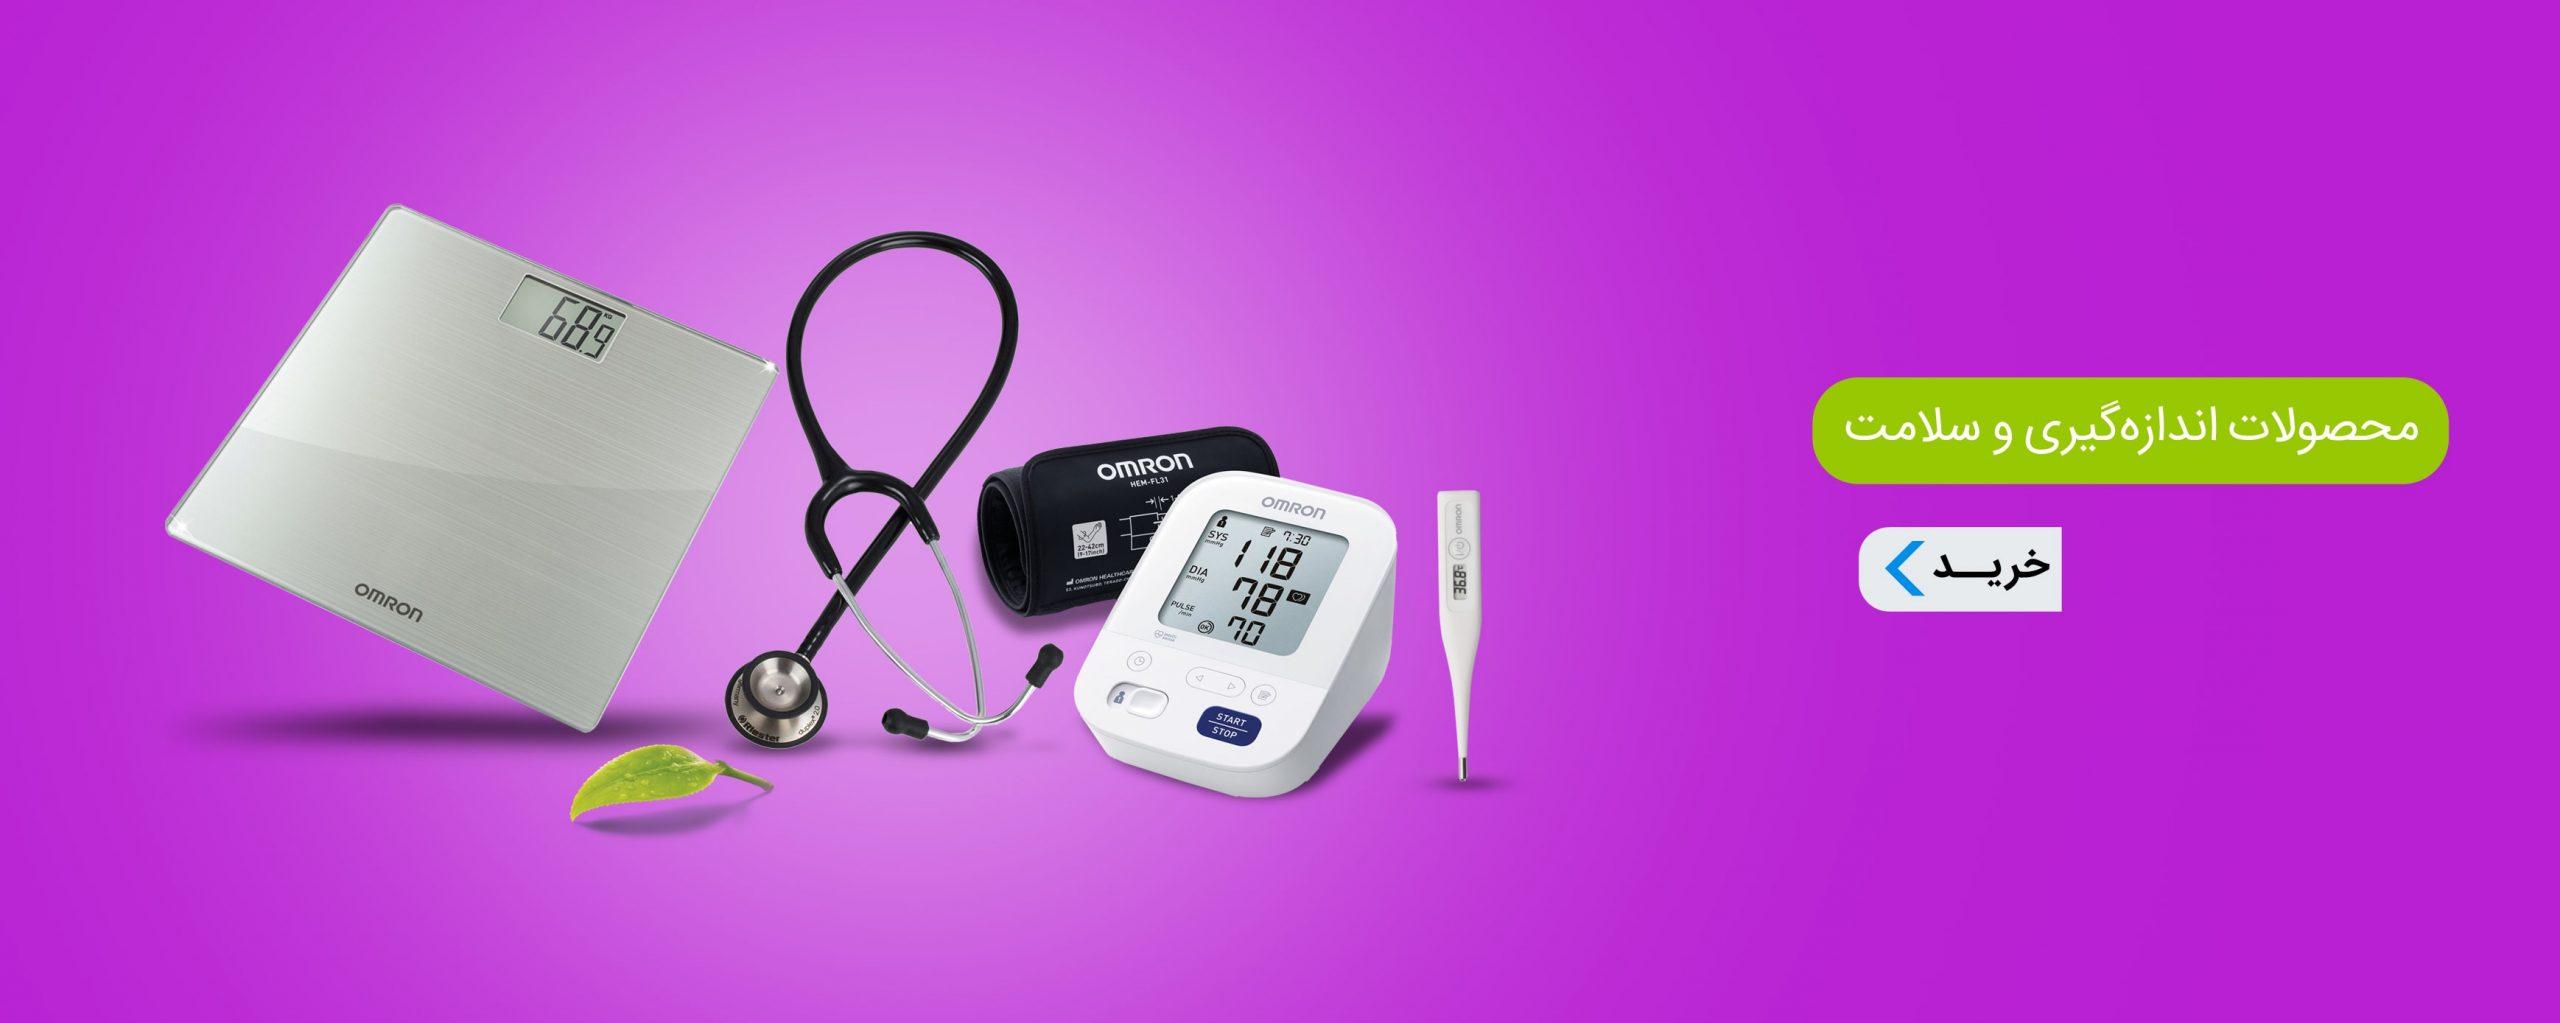 اندازه گیری و سلامت